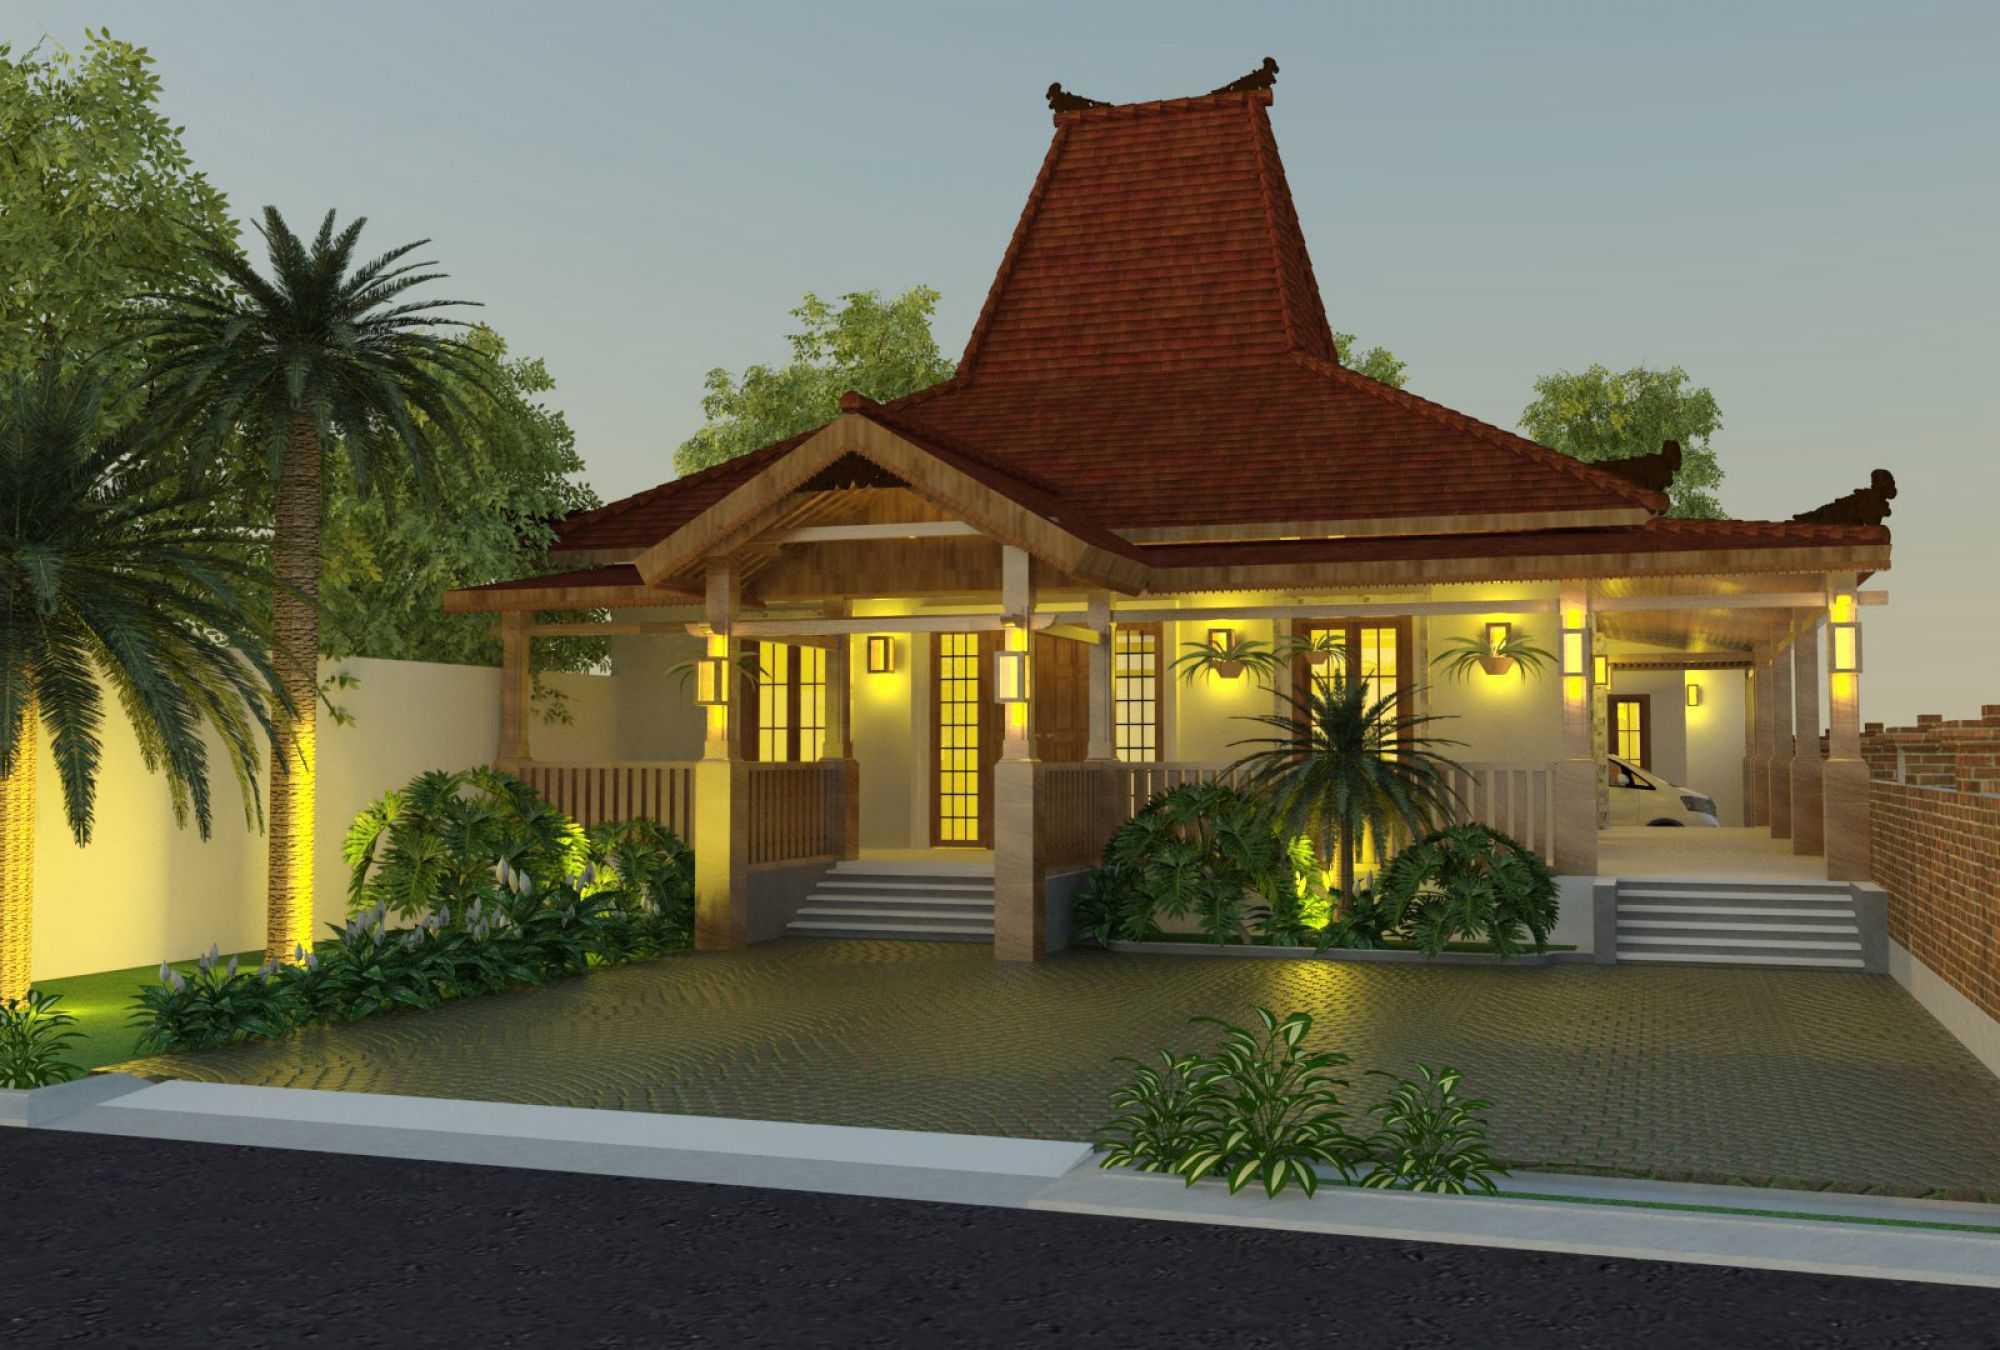 Image Result For Desain Model Atap Rumah Minimalis Terindah